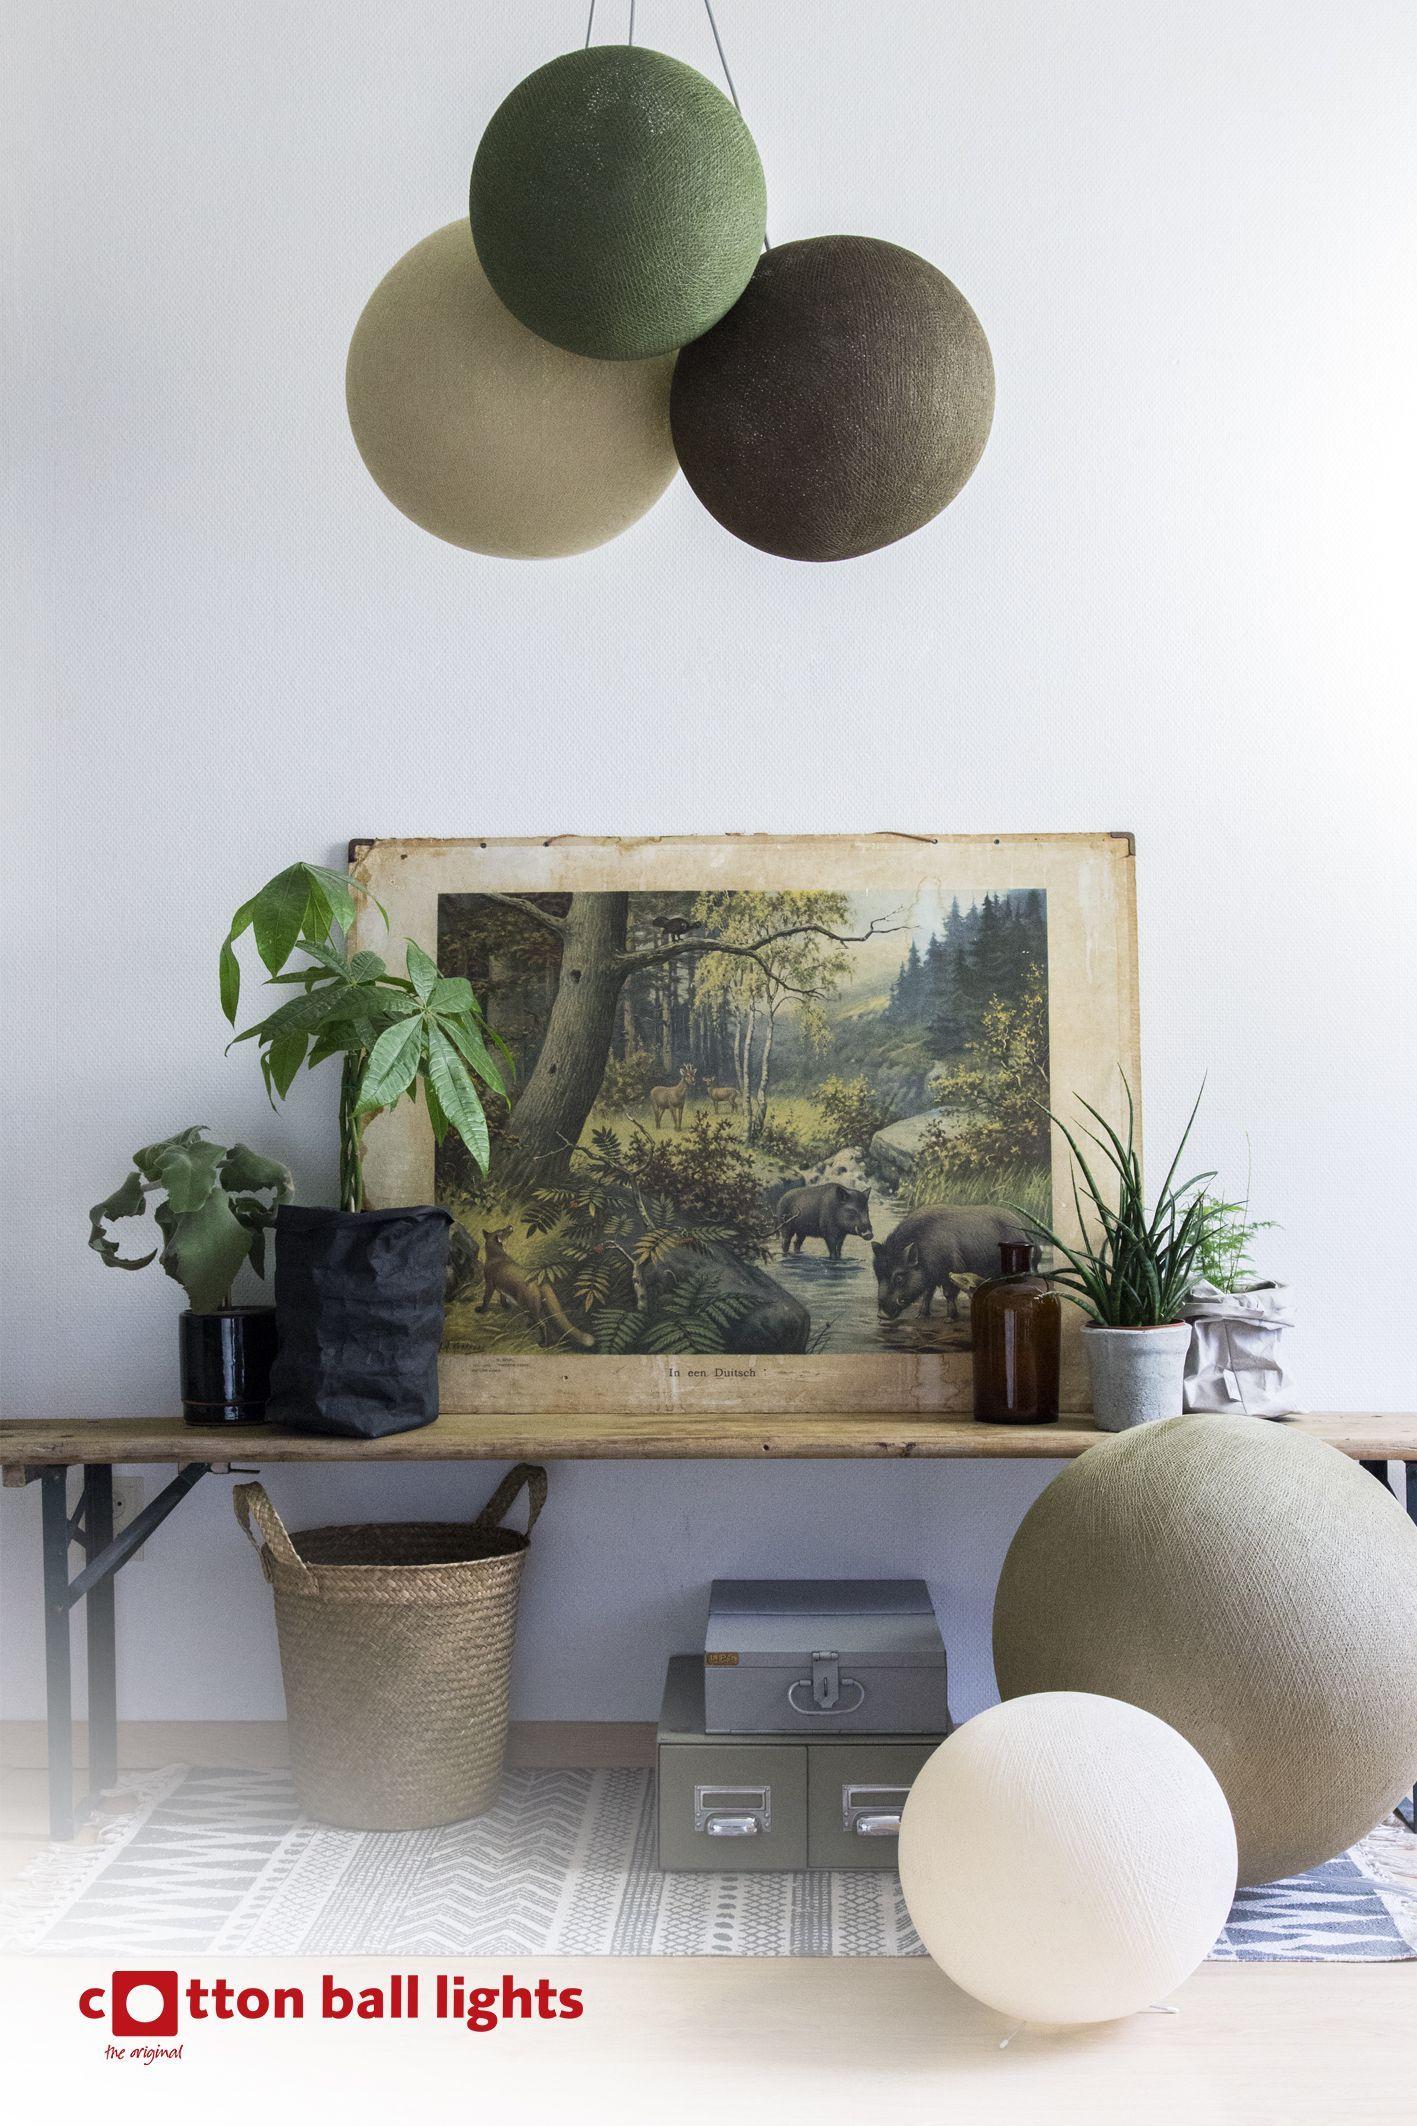 Woonkamer decoratie - Laat je inspireren door Cotton Ball Lights ...